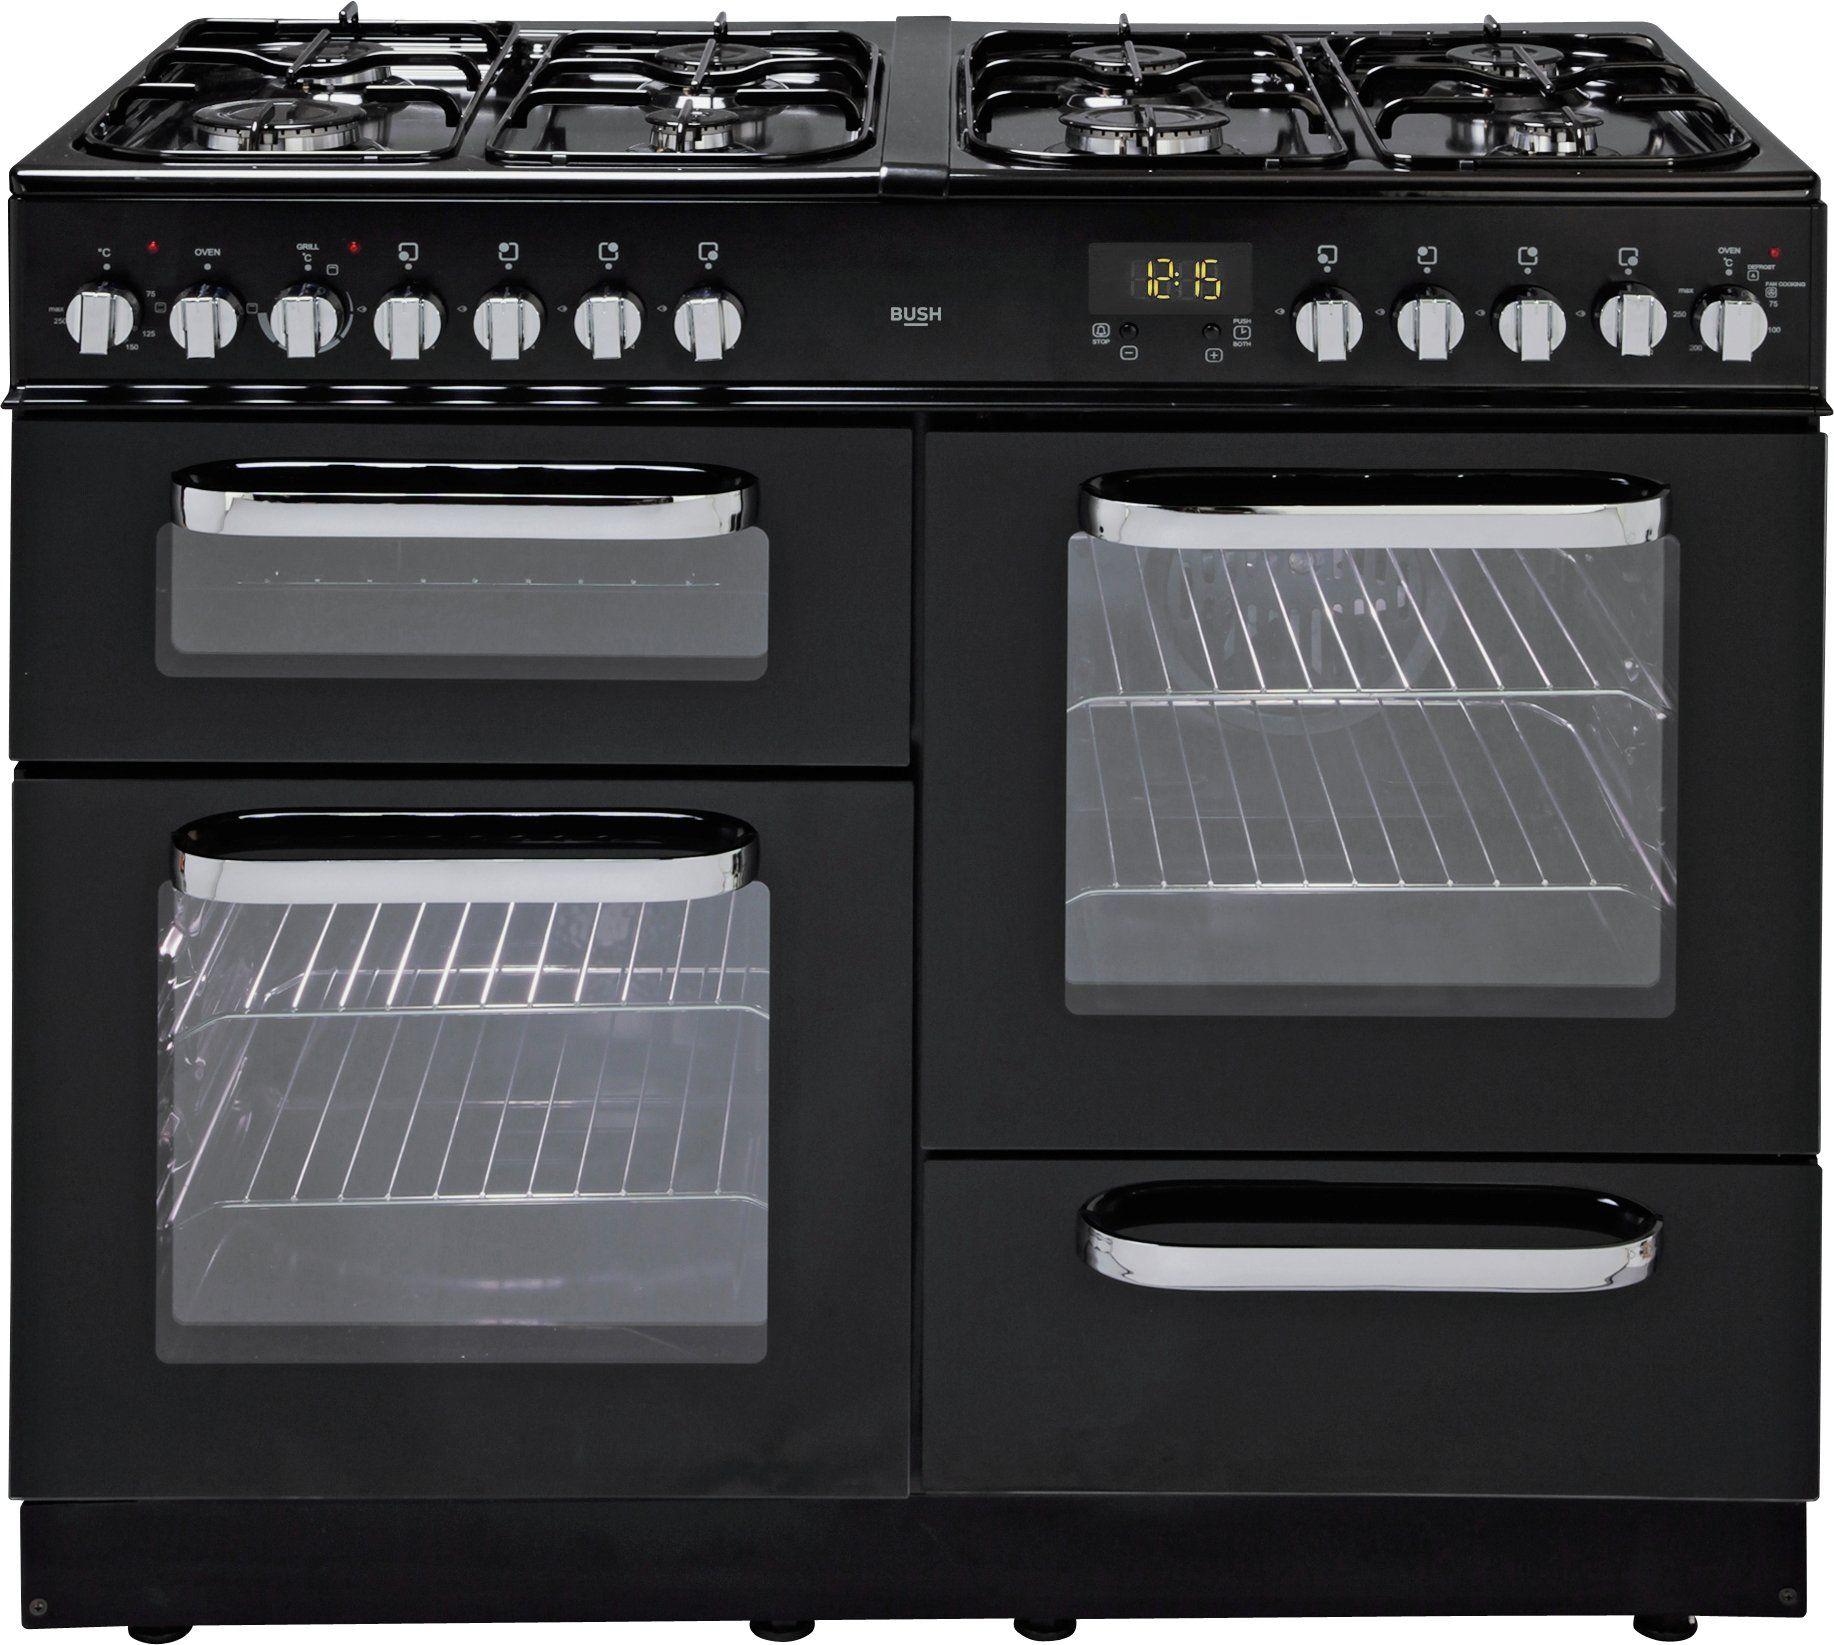 Bush - BCL100DFB - Dual Fuel Range Cooker - Black/Ins/Del/Rec